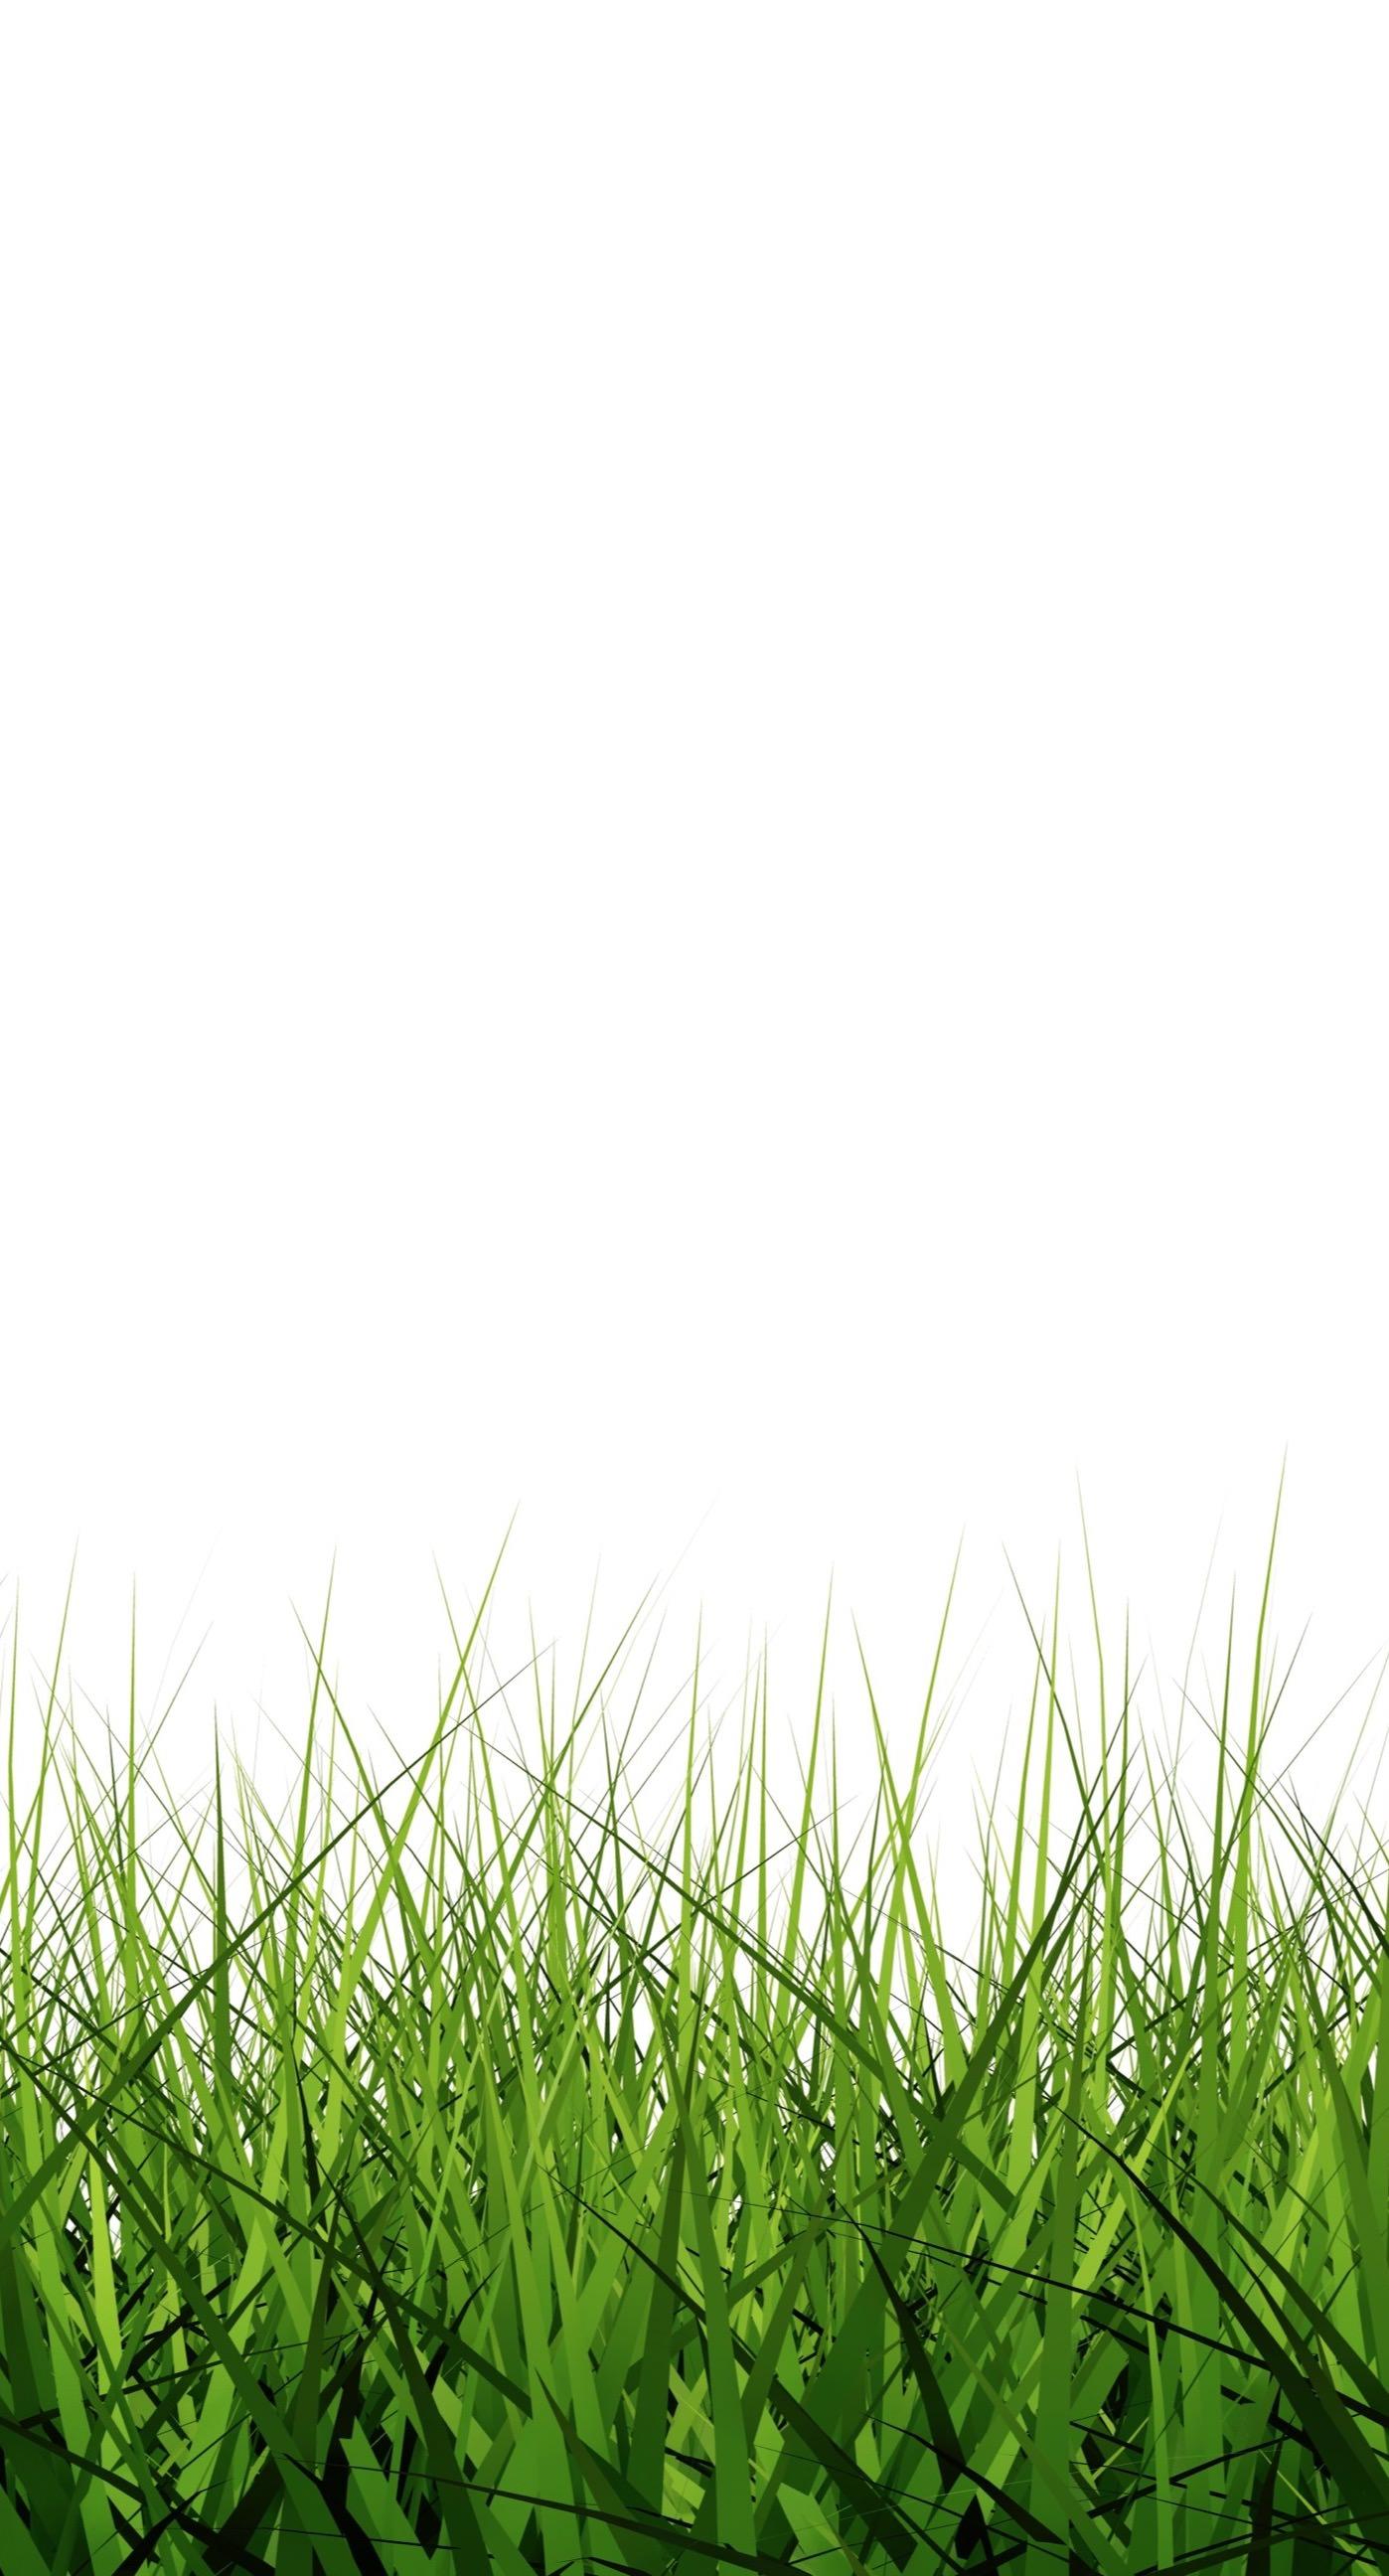 Gambar Ilustrasi Rumput   Iluszi